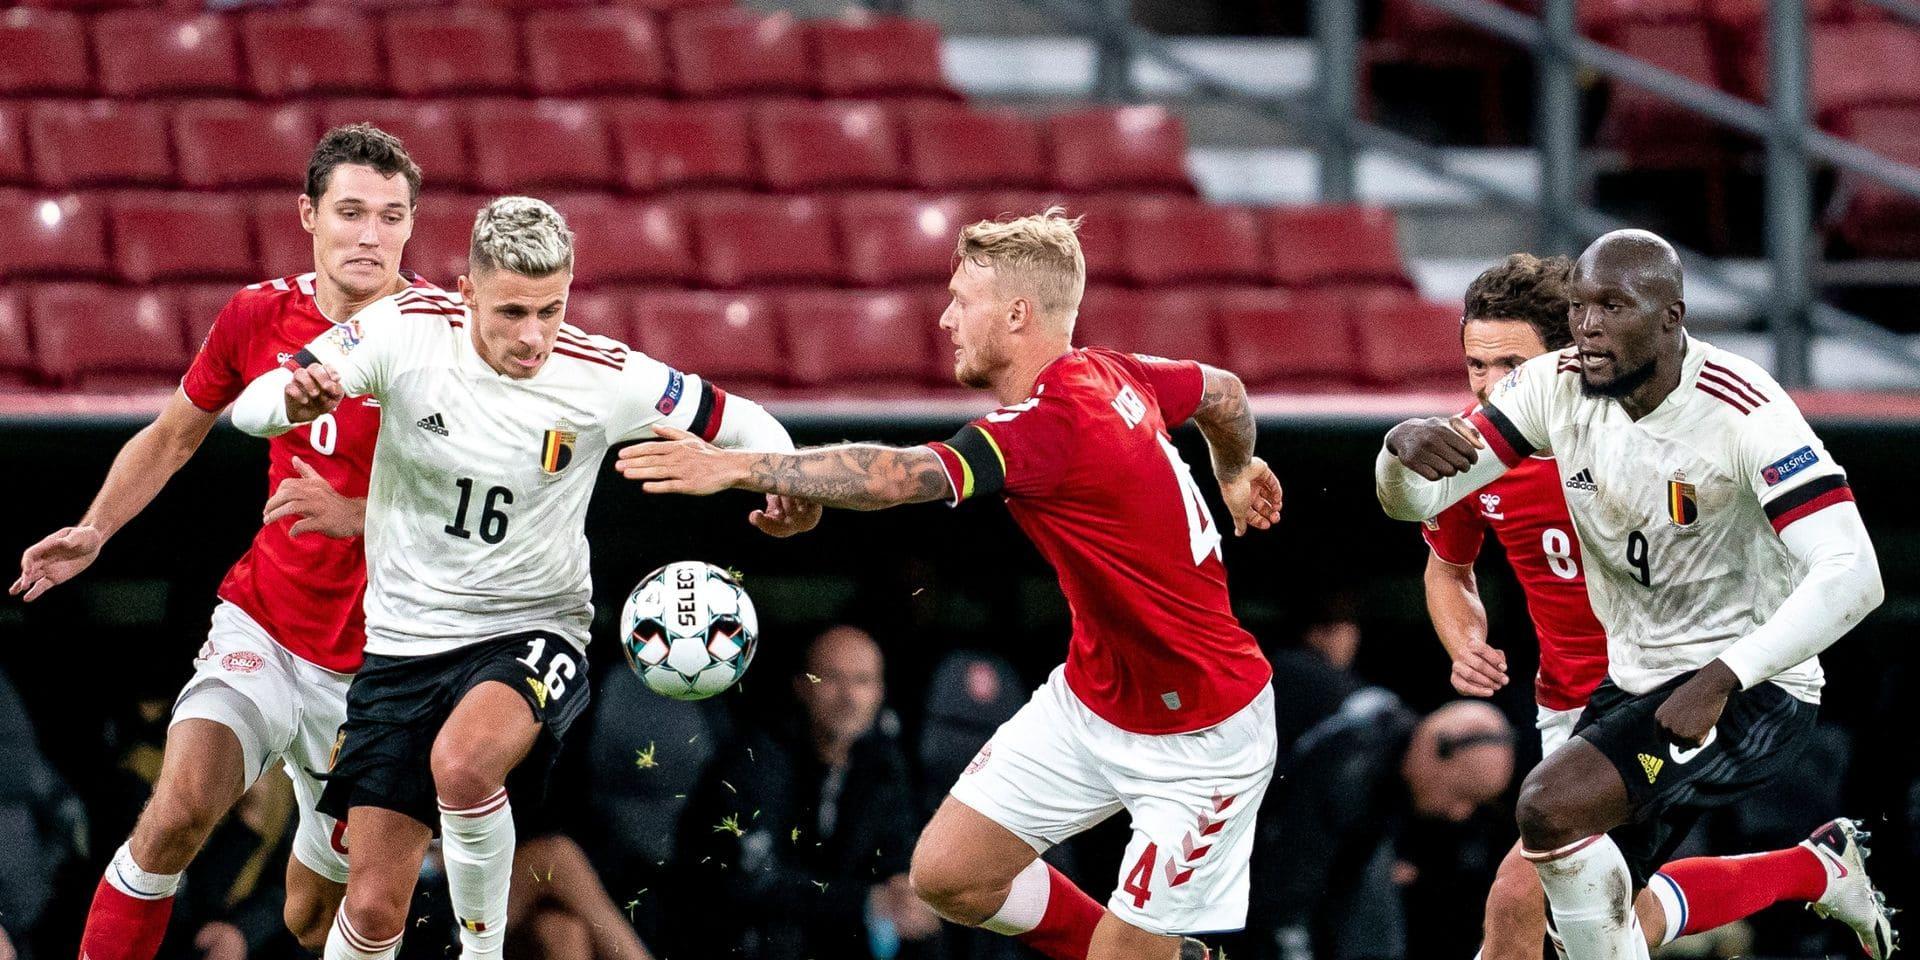 Belgique-Danemark: tous les joueurs danois sont négatifs au Covid-19